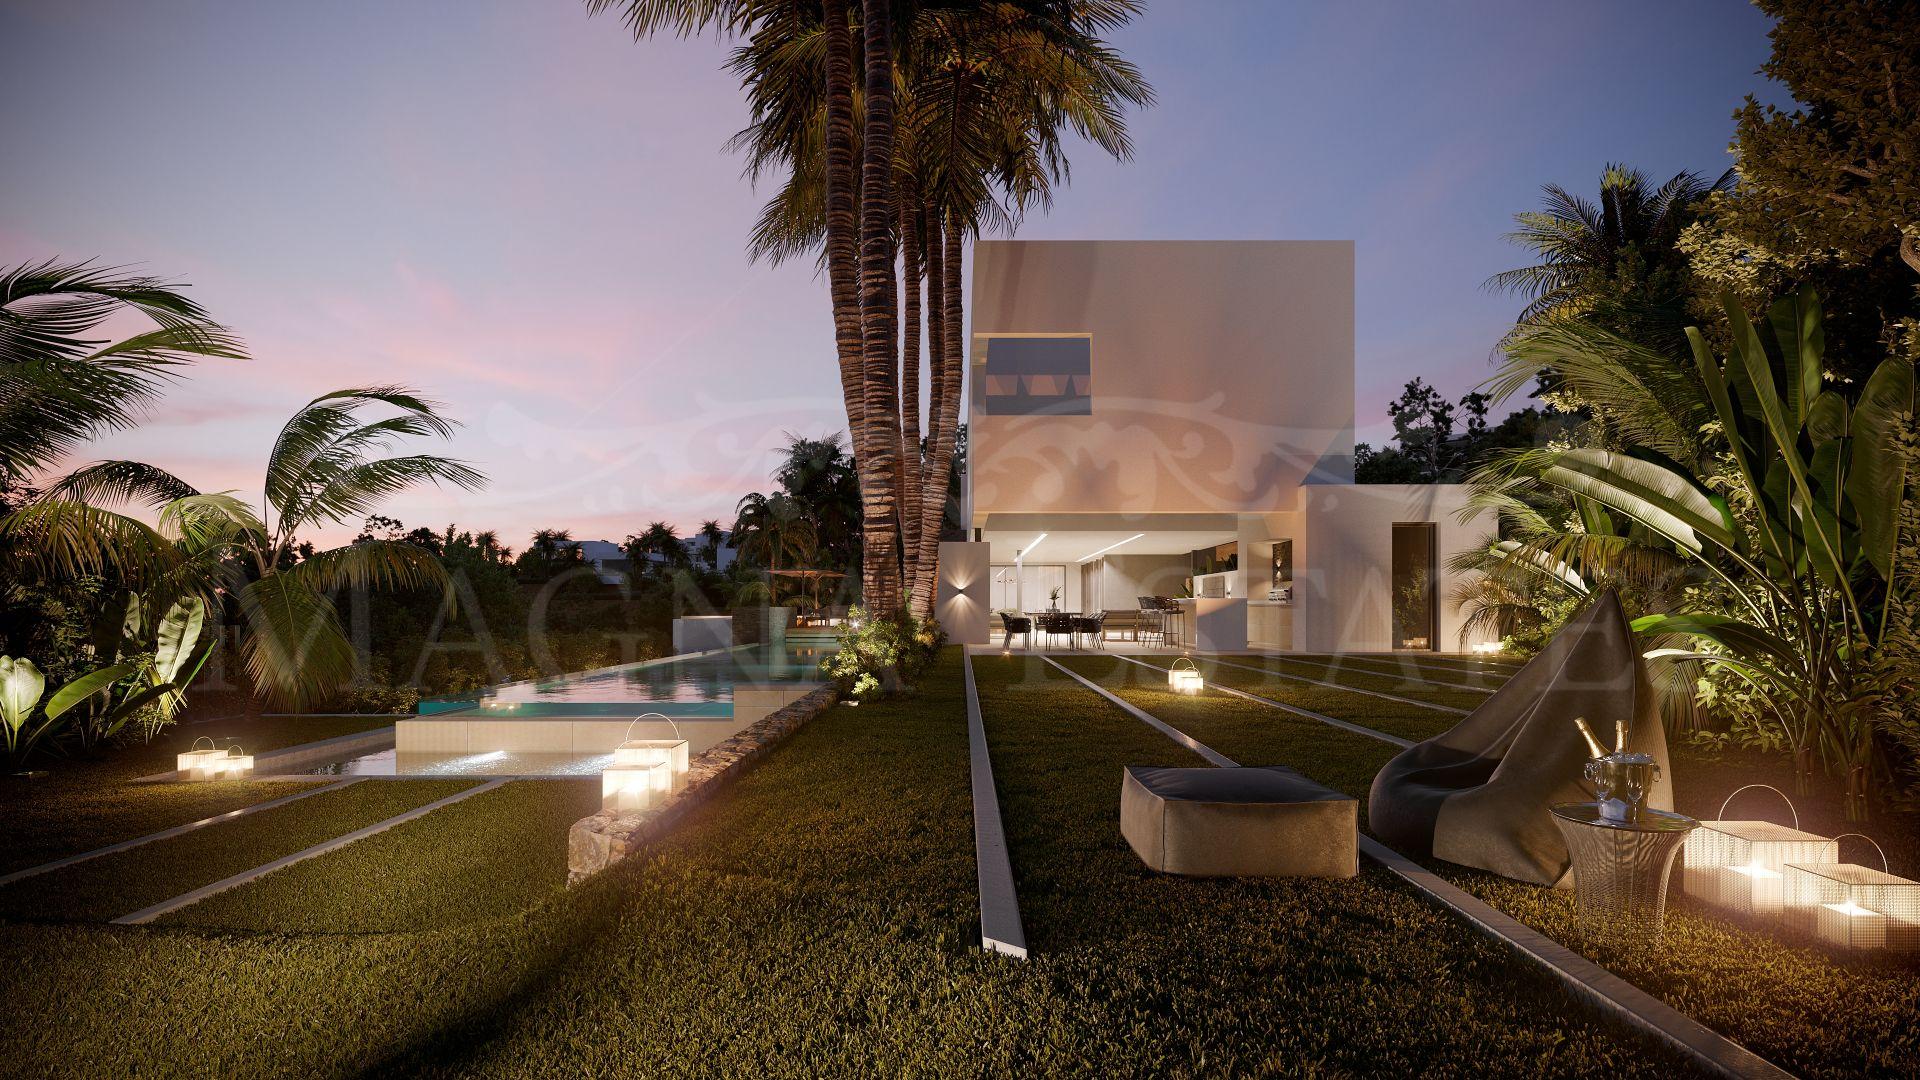 Majestuosa villa de estilo contemporáneo en La Alquería, Benahavís.